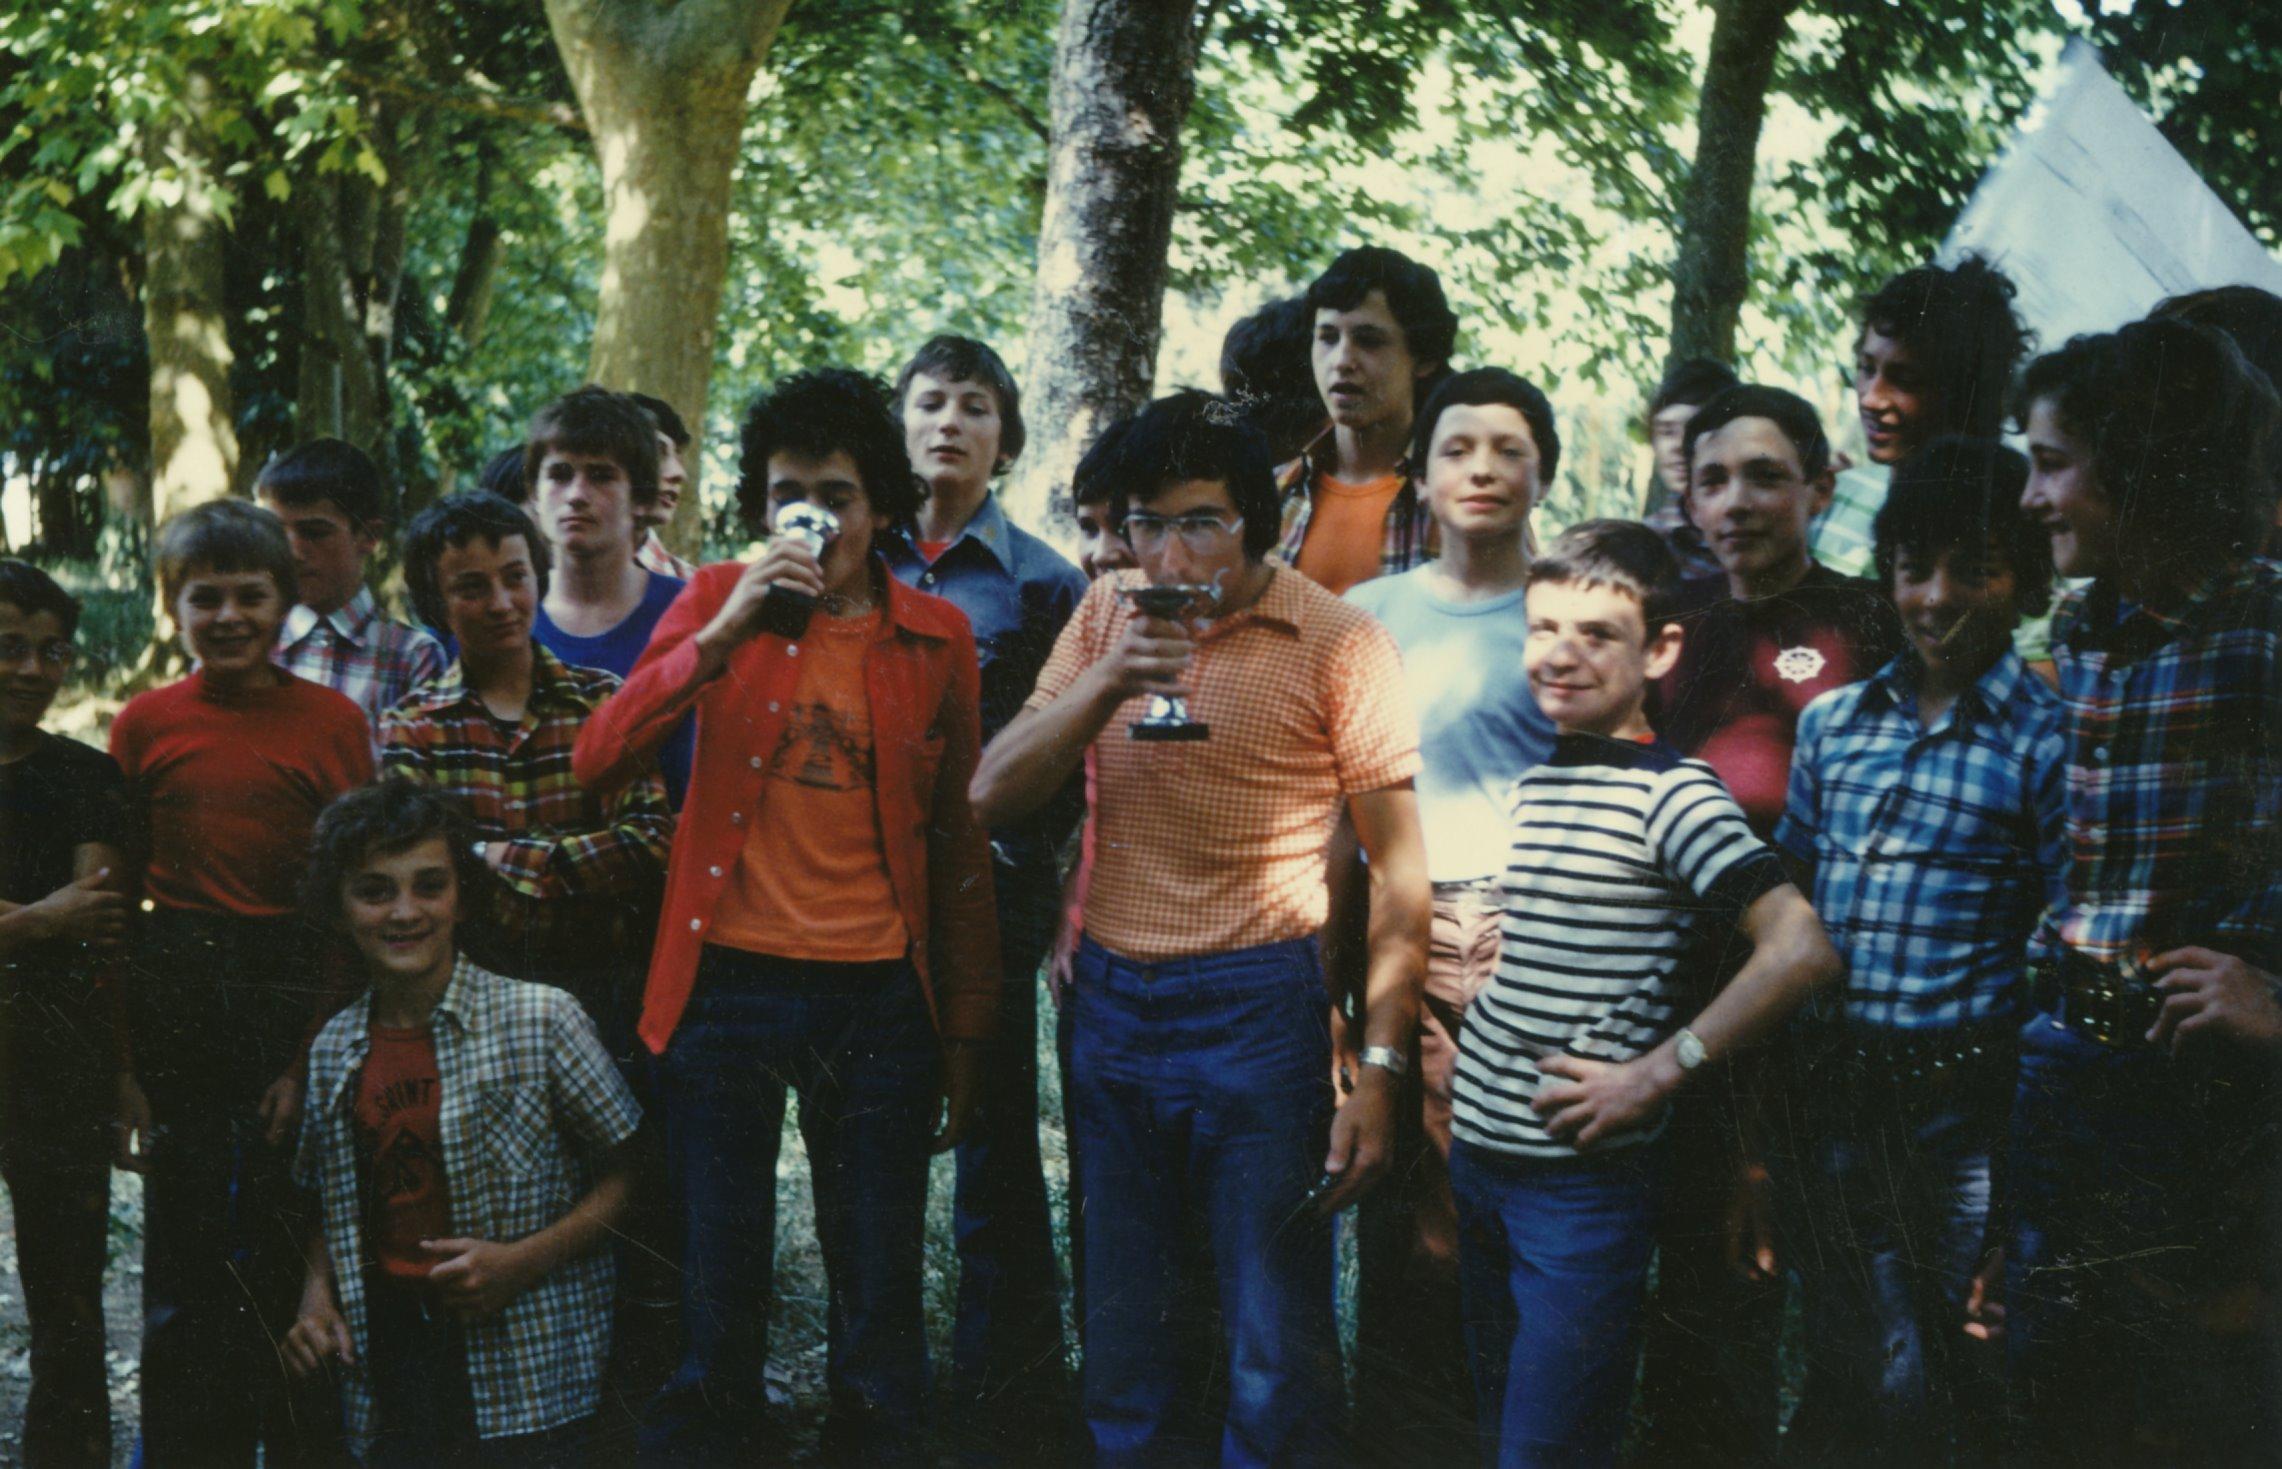 Archives anciens élèves mfr puy-sec 1977 (10)